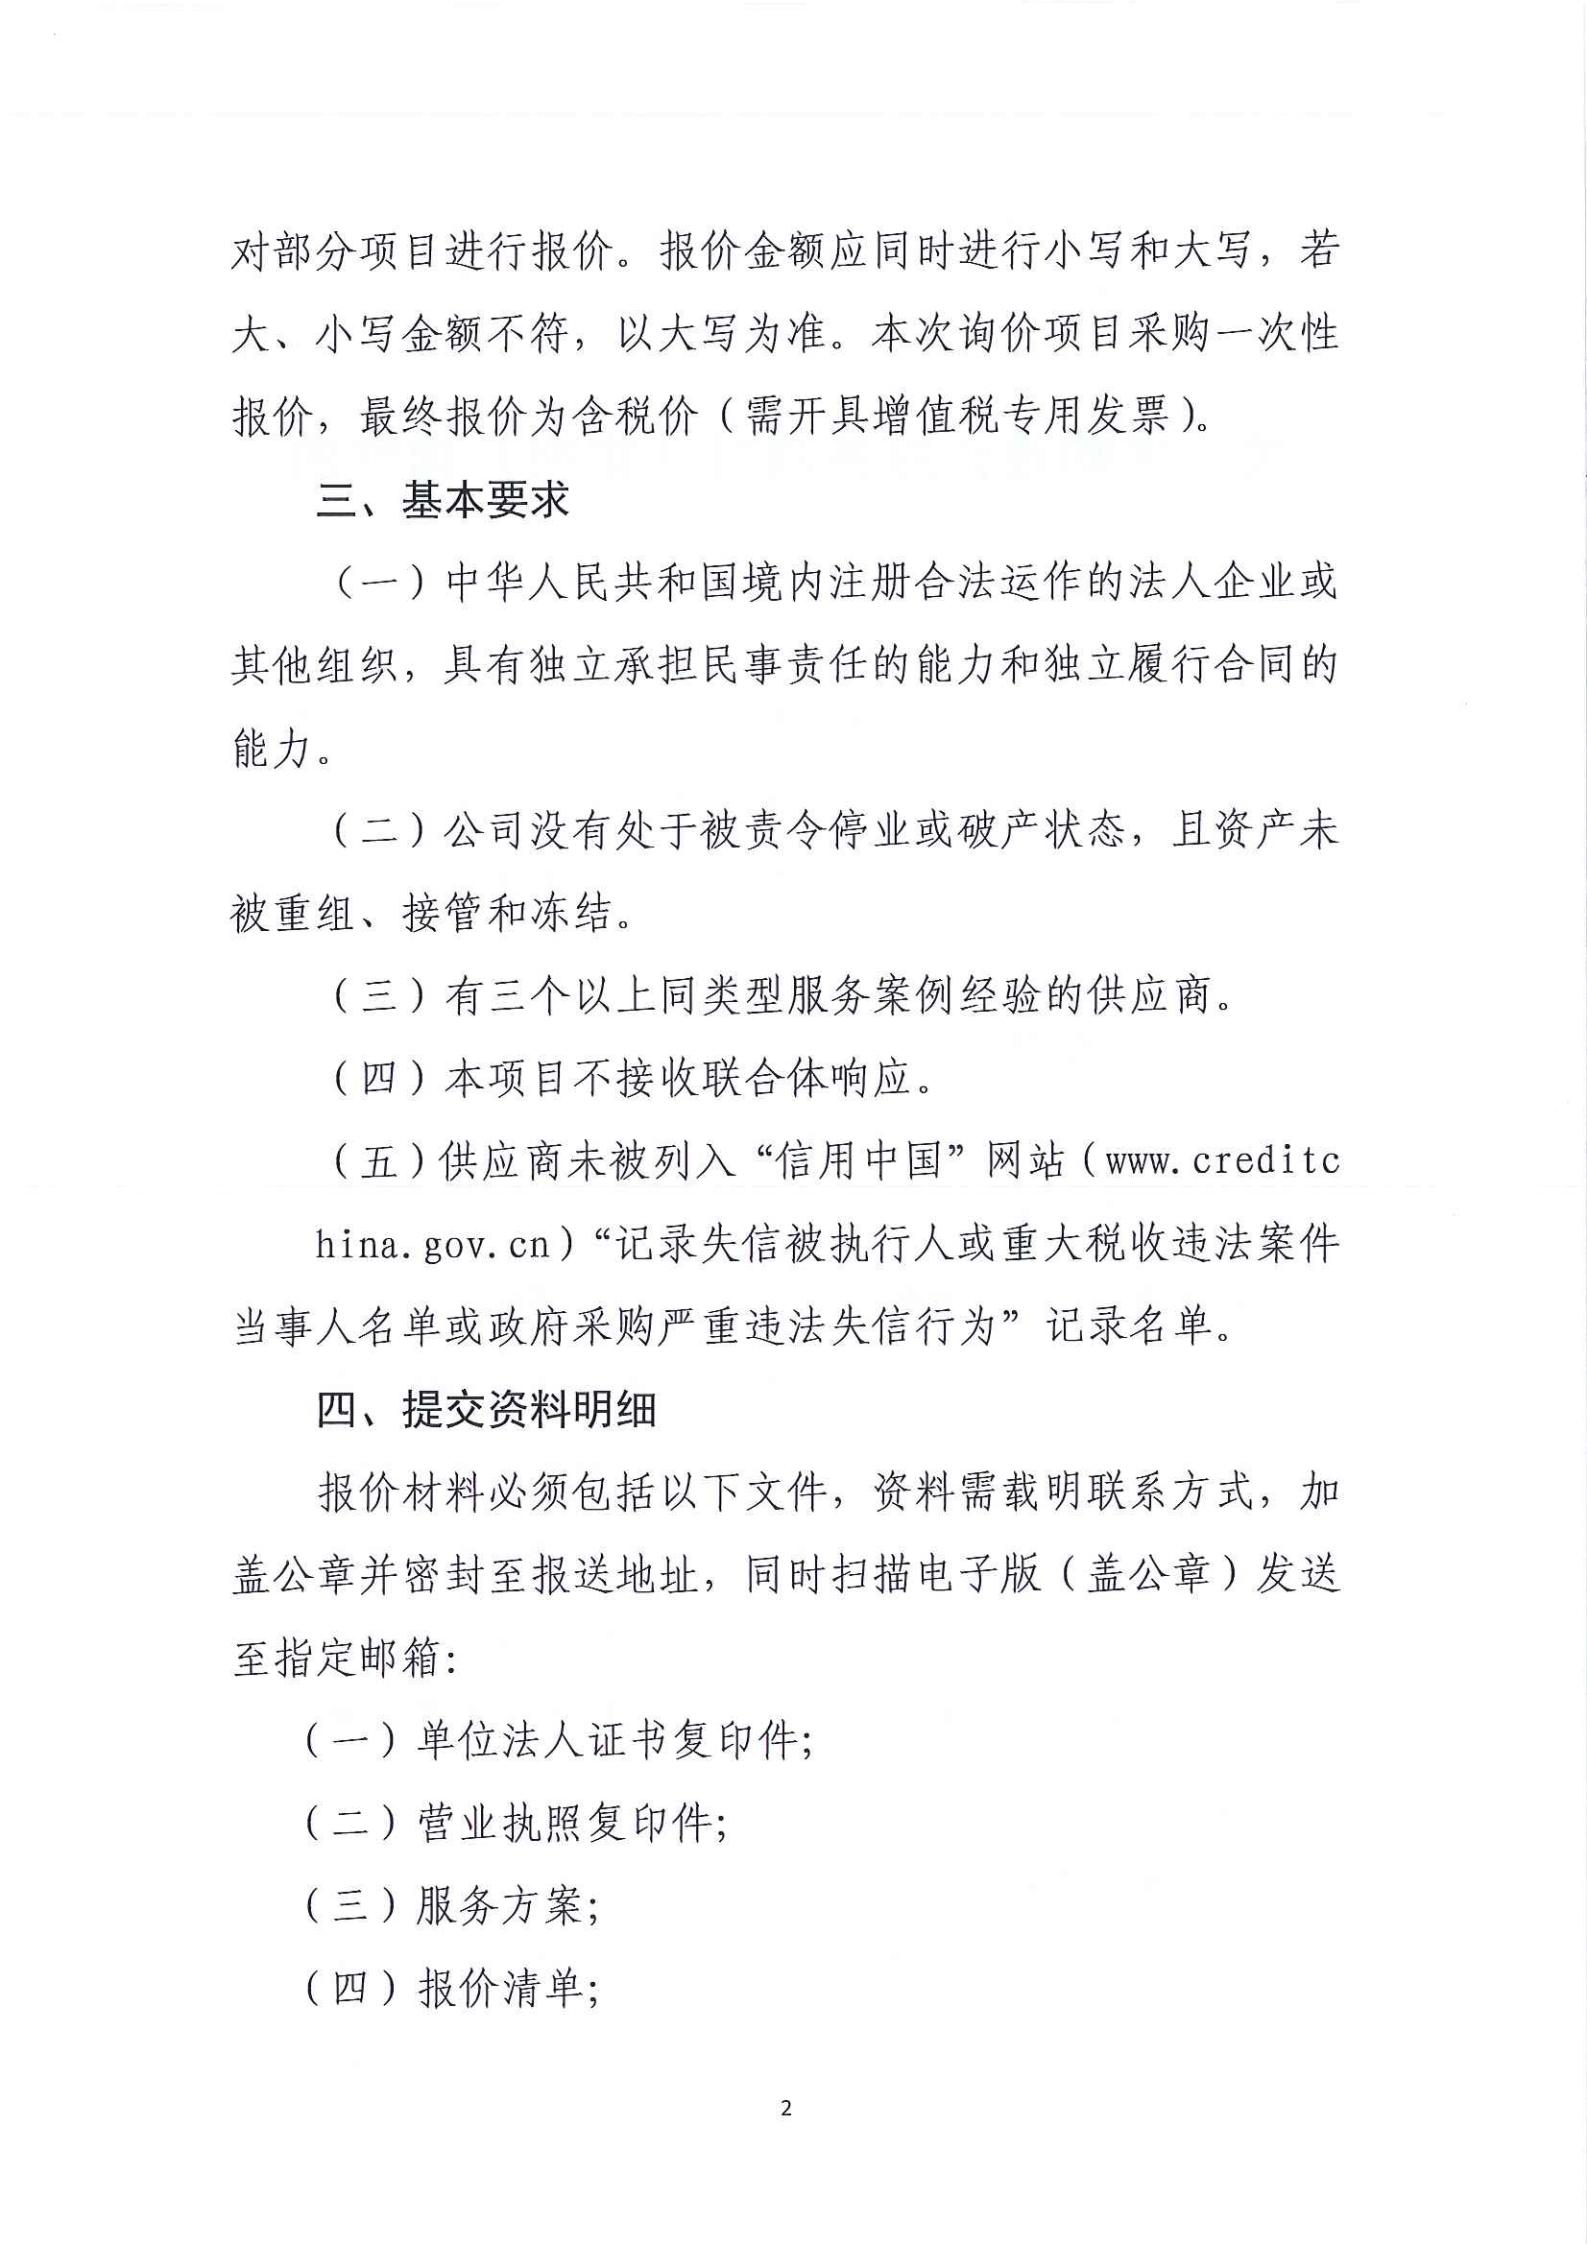 20210413关于采购设计服务项目(重招)询价函_01.png